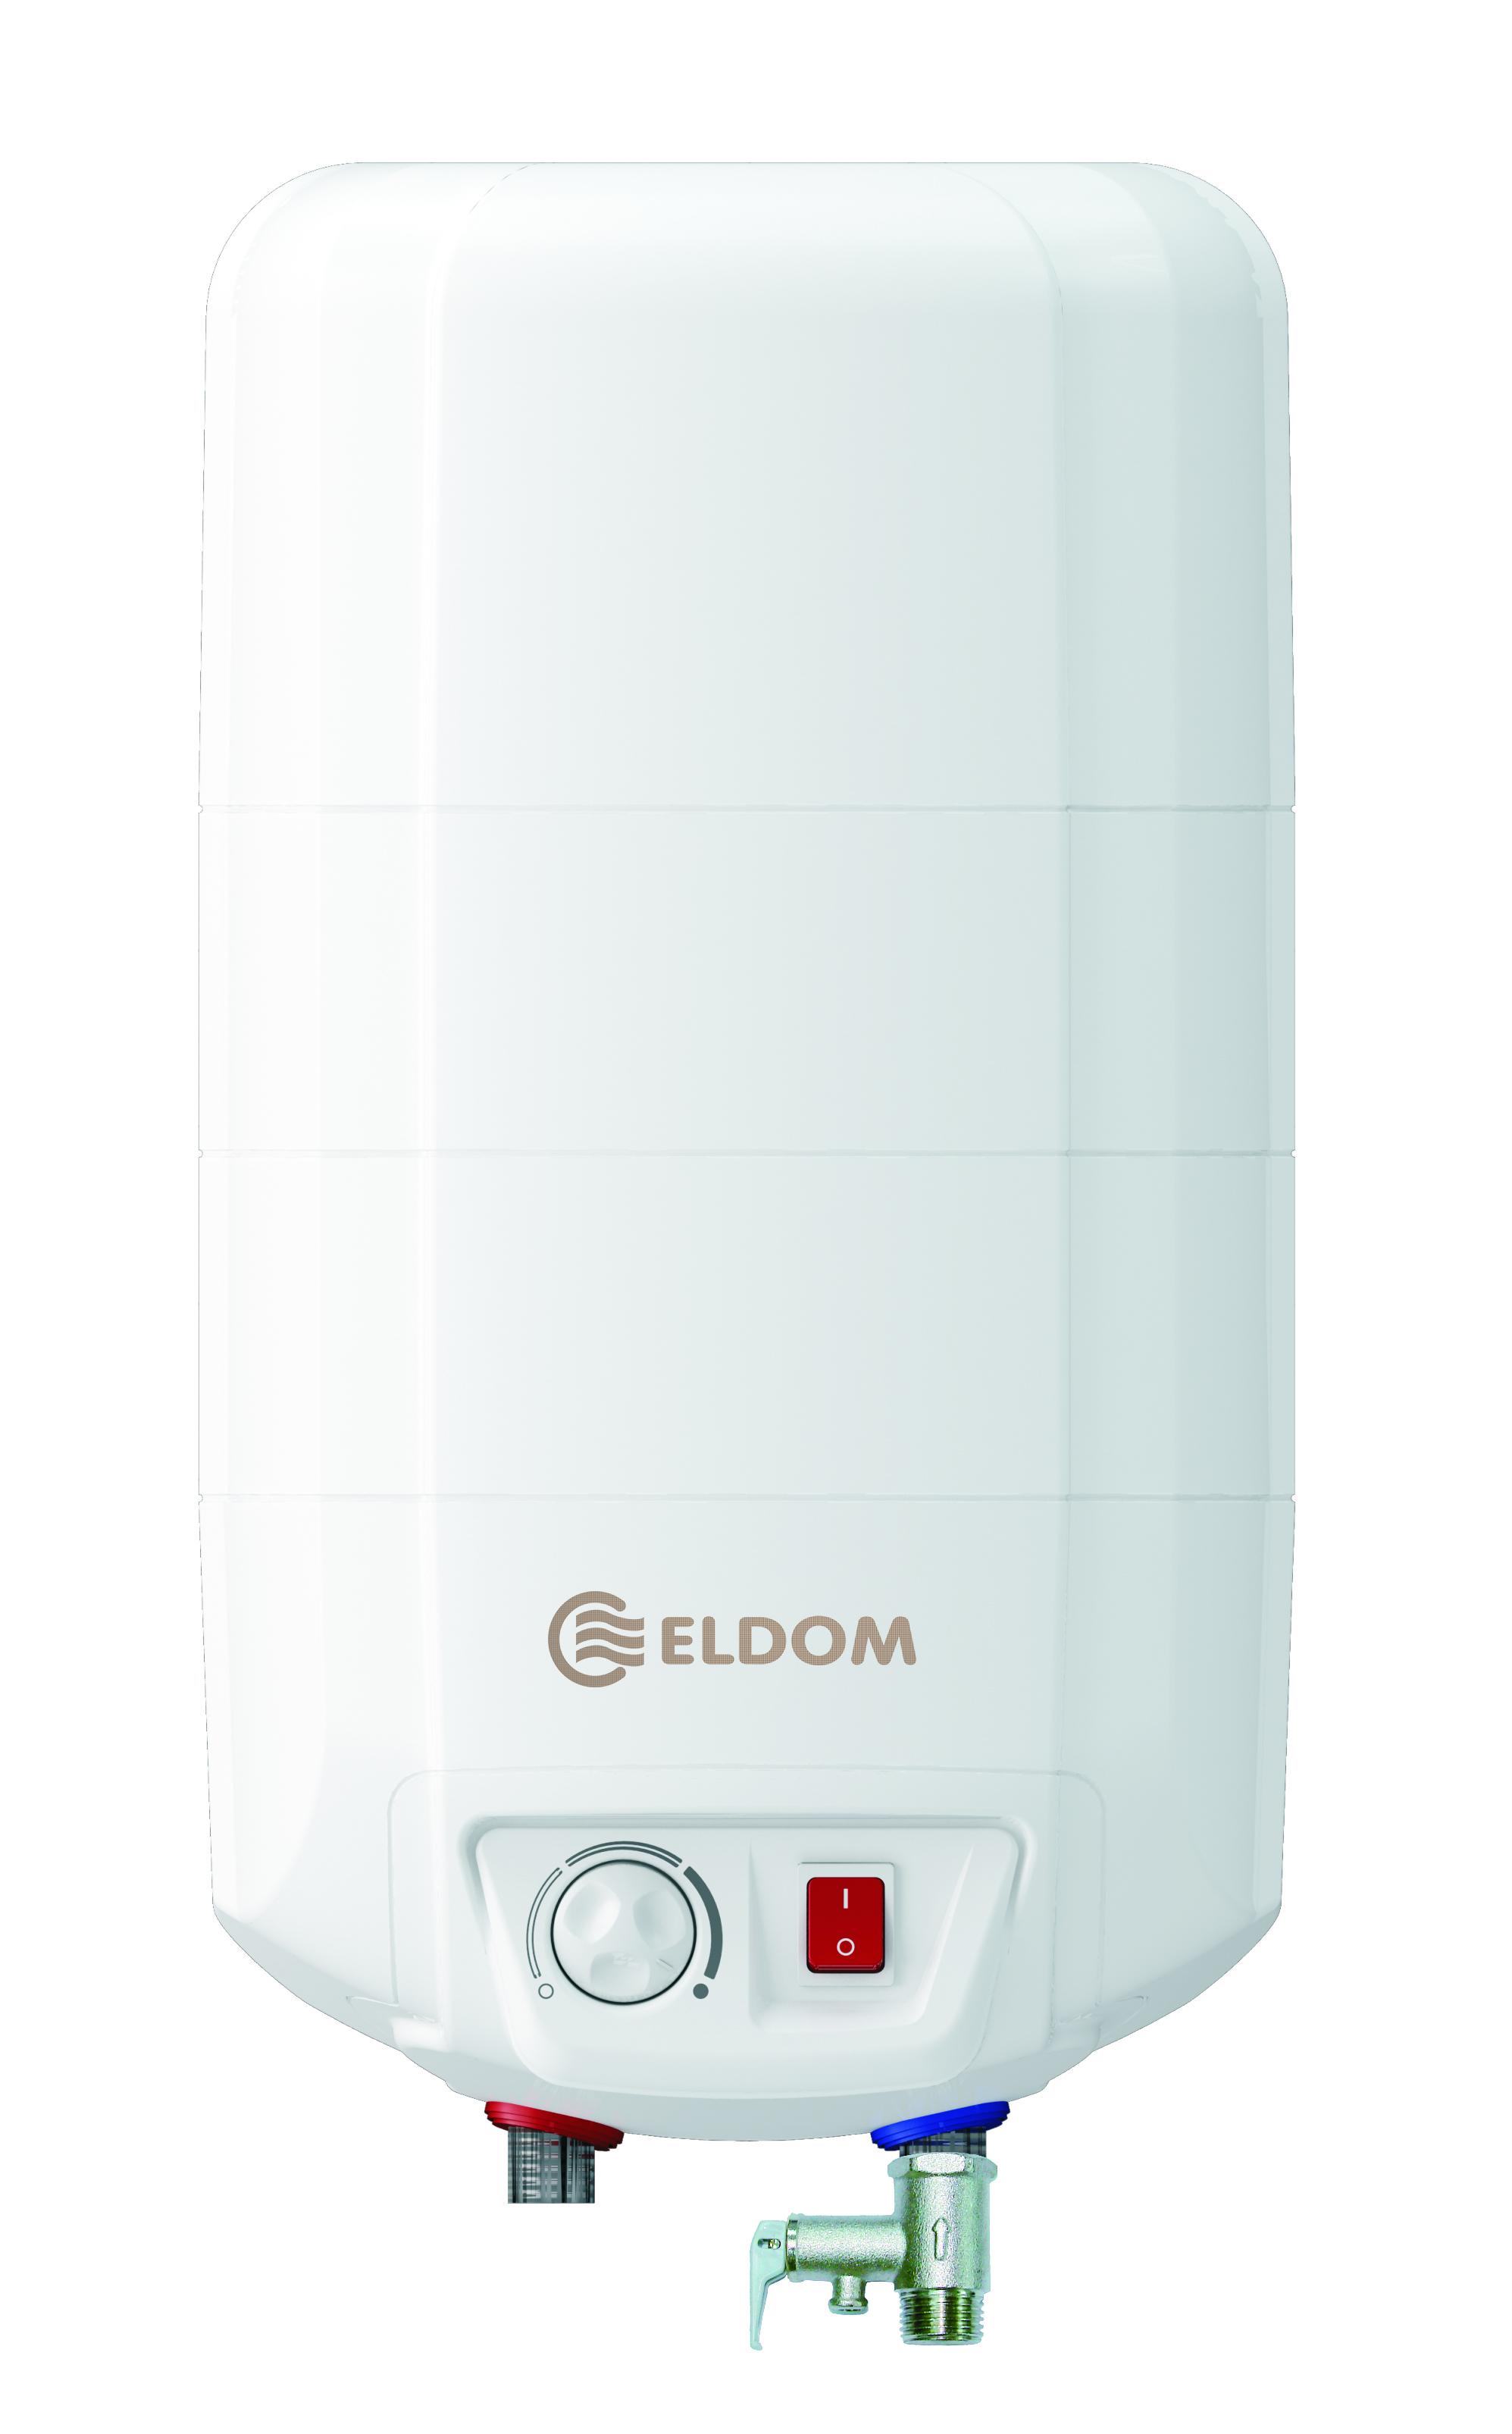 Warmwasserspeicher Eldom 15 druckfest übertisch